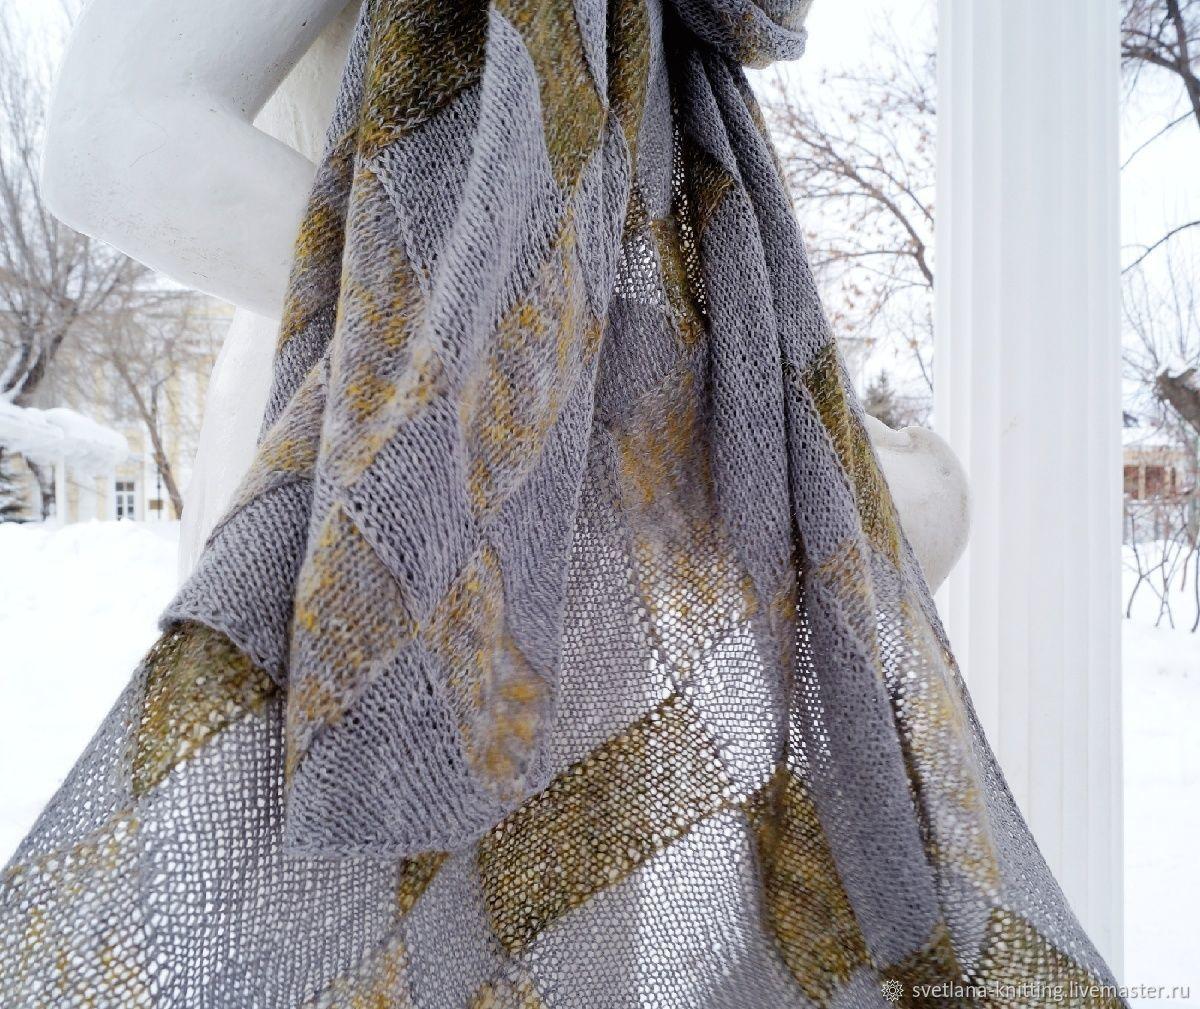 Комплект шарф энтрелак тонкий длинный шапка тонкая темно-зеленый серый, Шарфы, Оренбург,  Фото №1